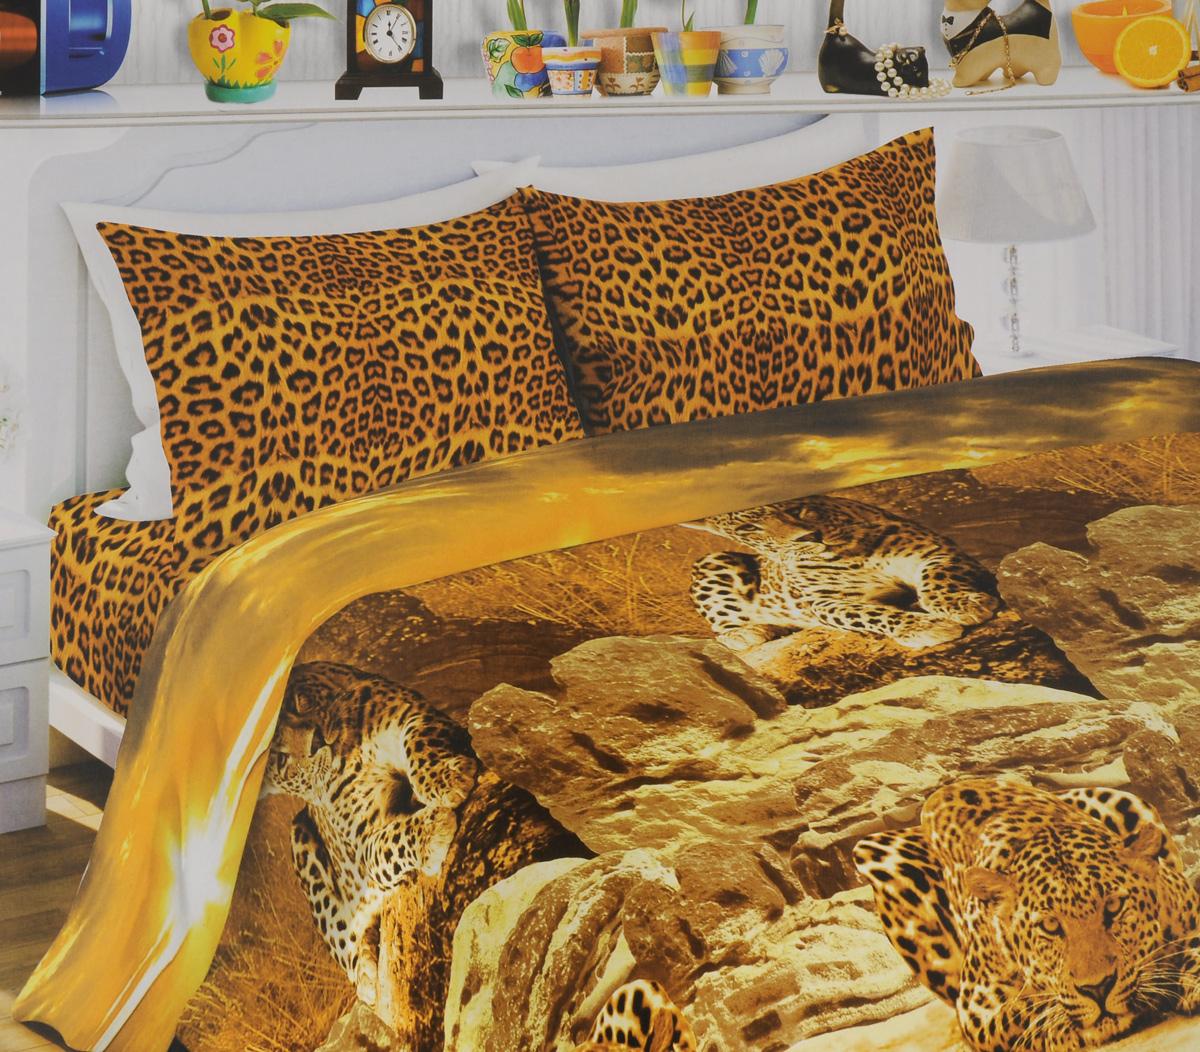 Комплект белья Любимый дом Африканский леопард, евро, наволочки 70х70, цвет: коричневый, оранжевый, бежевый326147Комплект постельного белья Любимый дом Африканский леопард состоит из пододеяльника, простыни и двух наволочек. Постельное белье оформлено оригинальным рисунком и имеет изысканный внешний вид. Белье изготовлено из новой ткани Биокомфорт, отвечающей всем необходимым нормативным стандартам. Биокомфорт - это ткань полотняного переплетения, из экологически чистого и натурального 100% хлопка. Неоспоримым плюсом белья из такой ткани является мягкость и легкость, она прекрасно пропускает воздух, приятна на ощупь, не образует катышков на поверхности и за ней легко ухаживать. При соблюдении рекомендаций по уходу, это белье выдерживает много стирок, не линяет и не теряет свою первоначальную прочность. Уникальная ткань обеспечивает легкую глажку. Приобретая комплект постельного белья Любимый дом Африканский леопард, вы можете быть уверены в том, что покупка доставит вам и вашим близким удовольствие и подарит максимальный...